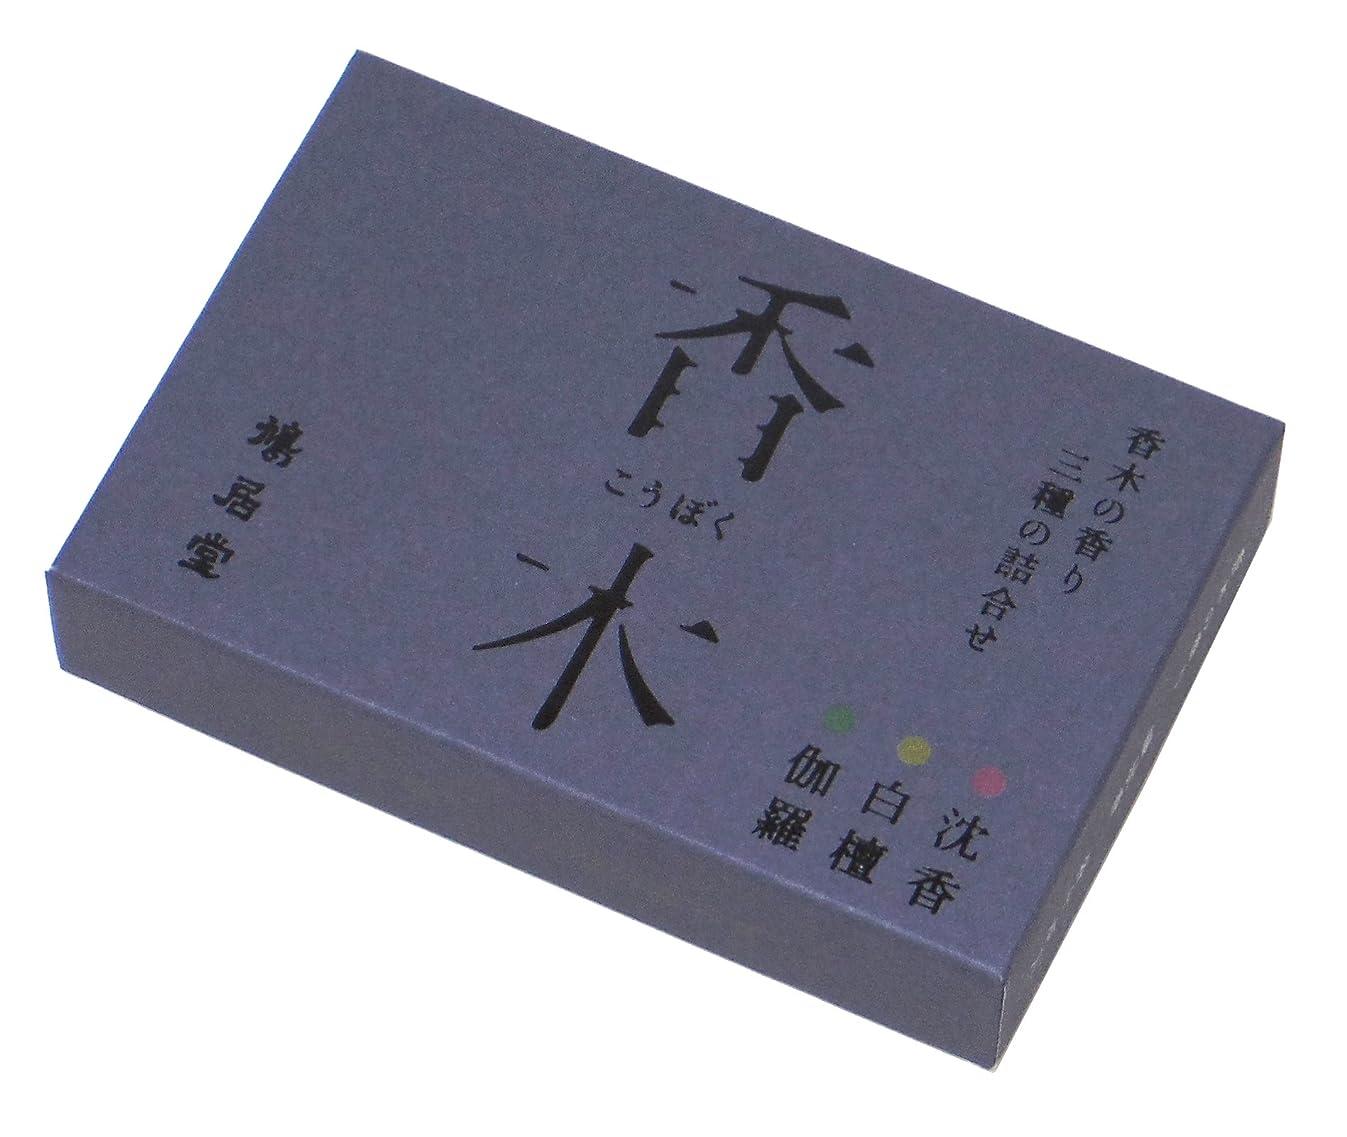 確立まどろみのある仲人鳩居堂のお香 香木の香り3種セット 3種類各10本入 6cm 香立入